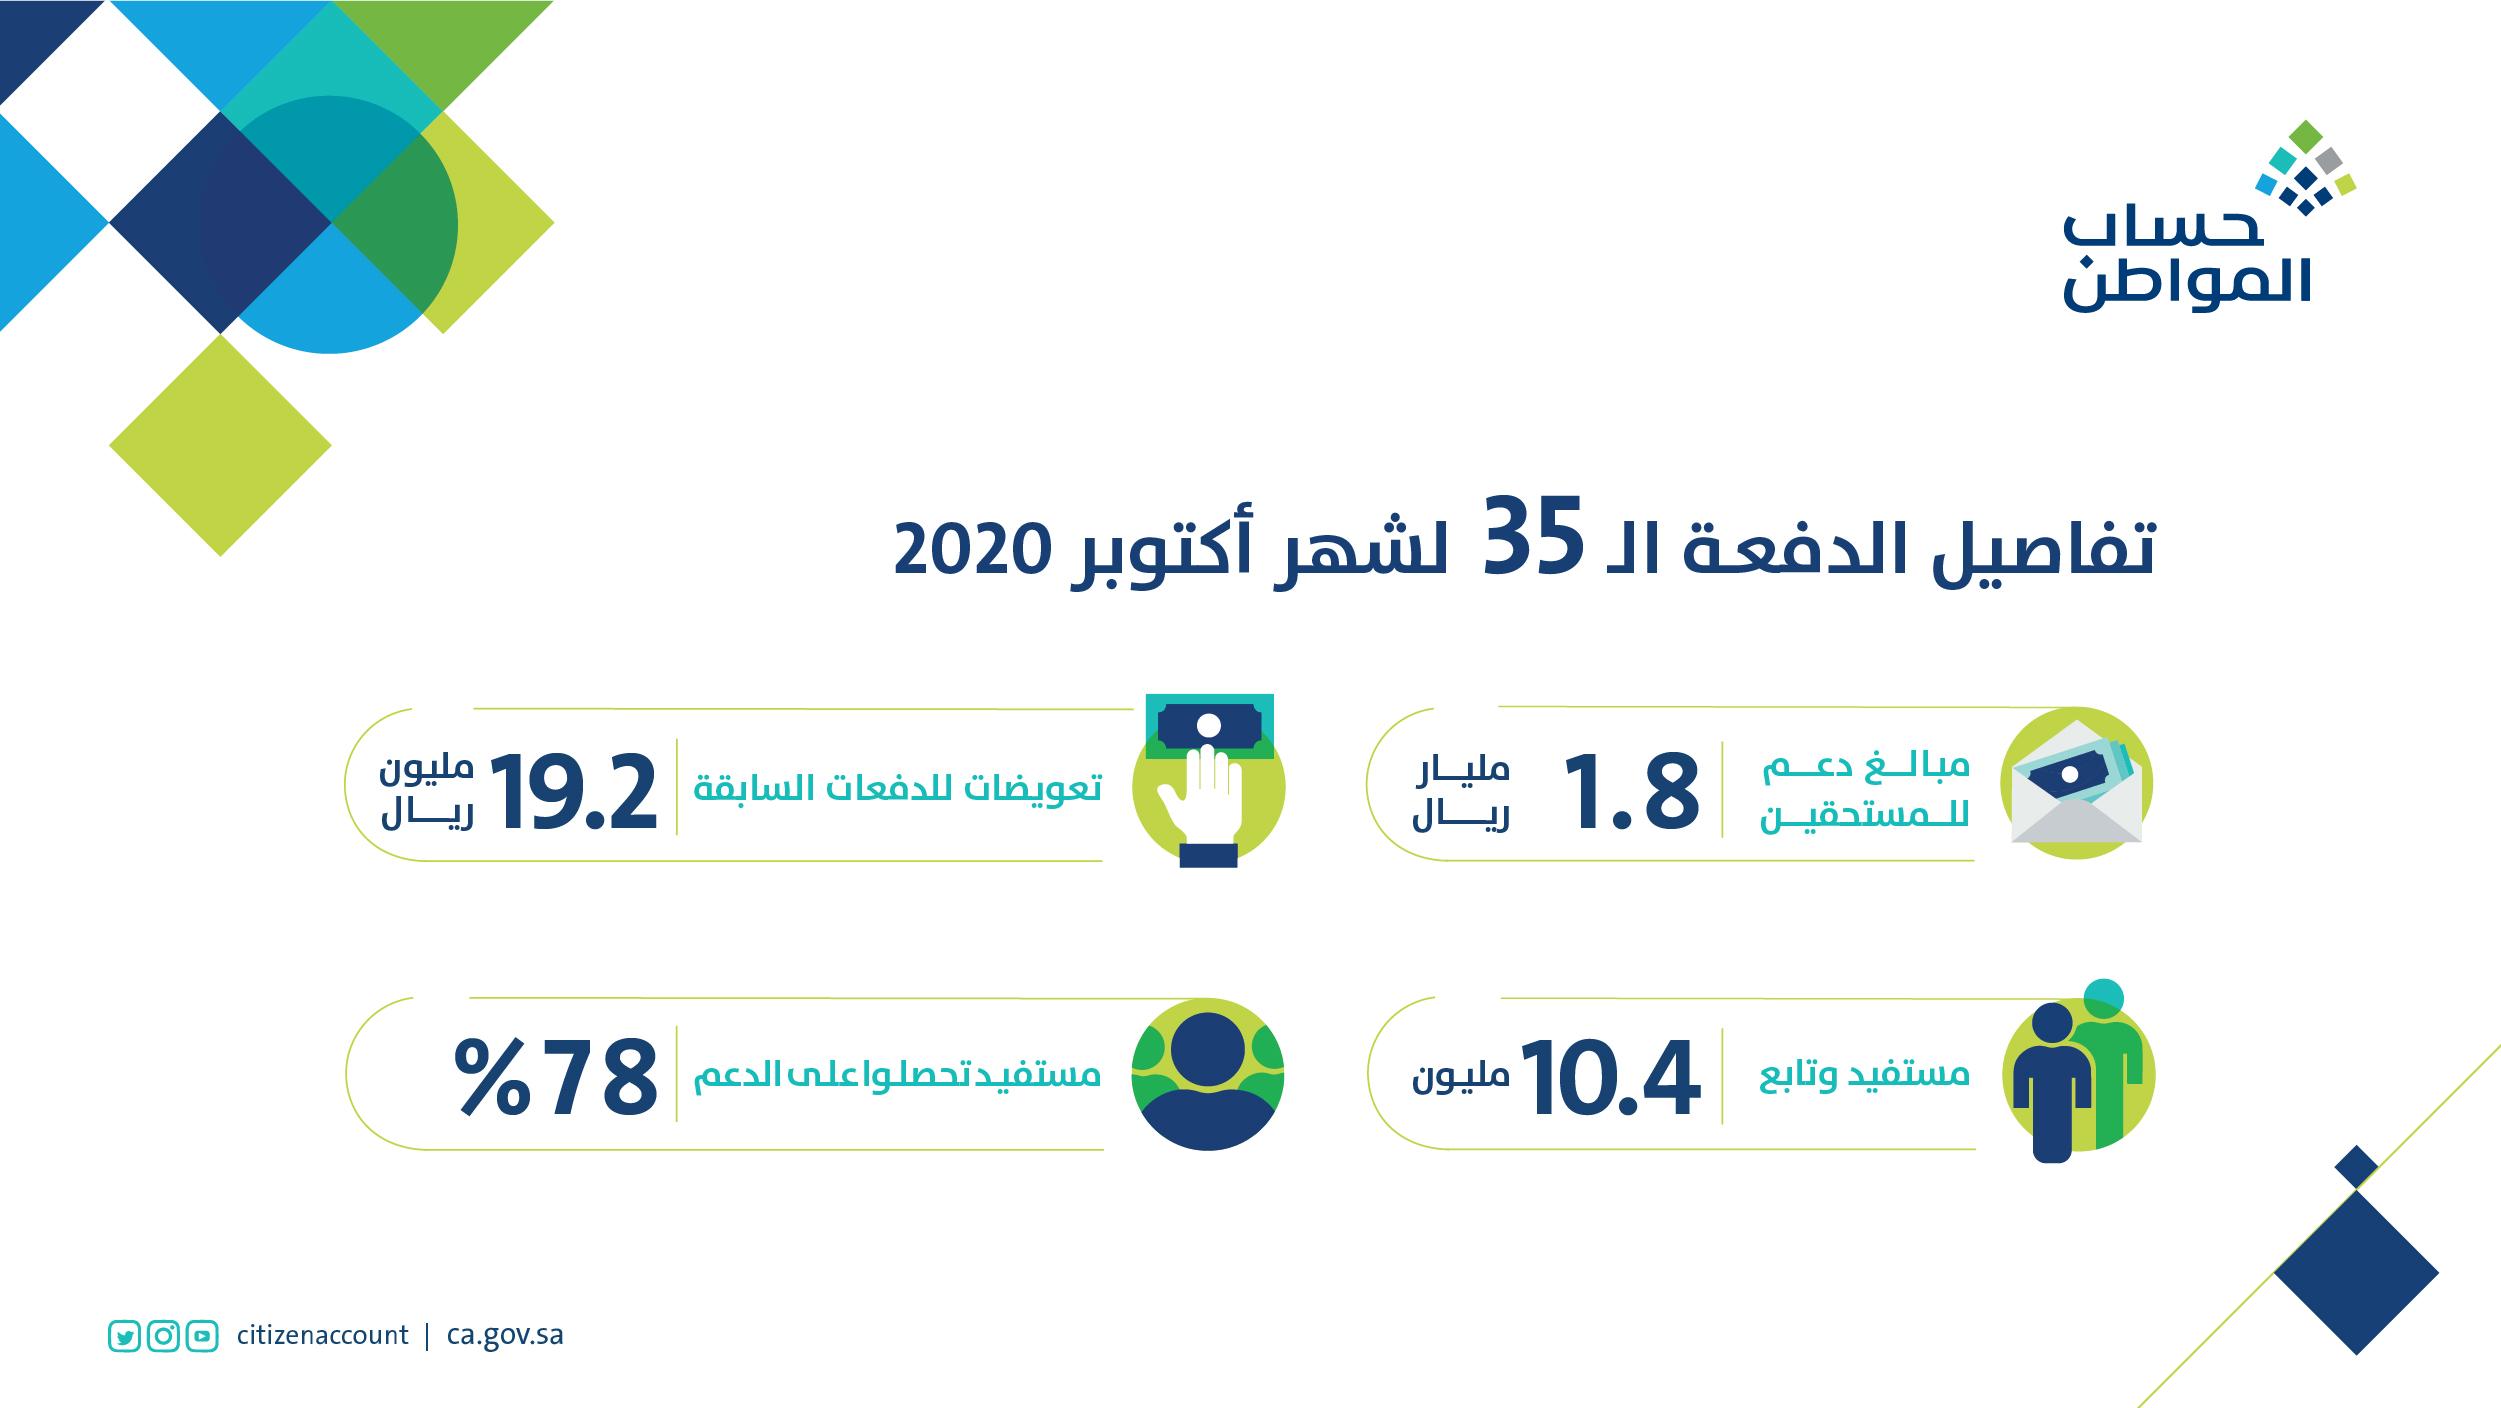 صدور نتائج الأهلية حساب المواطن